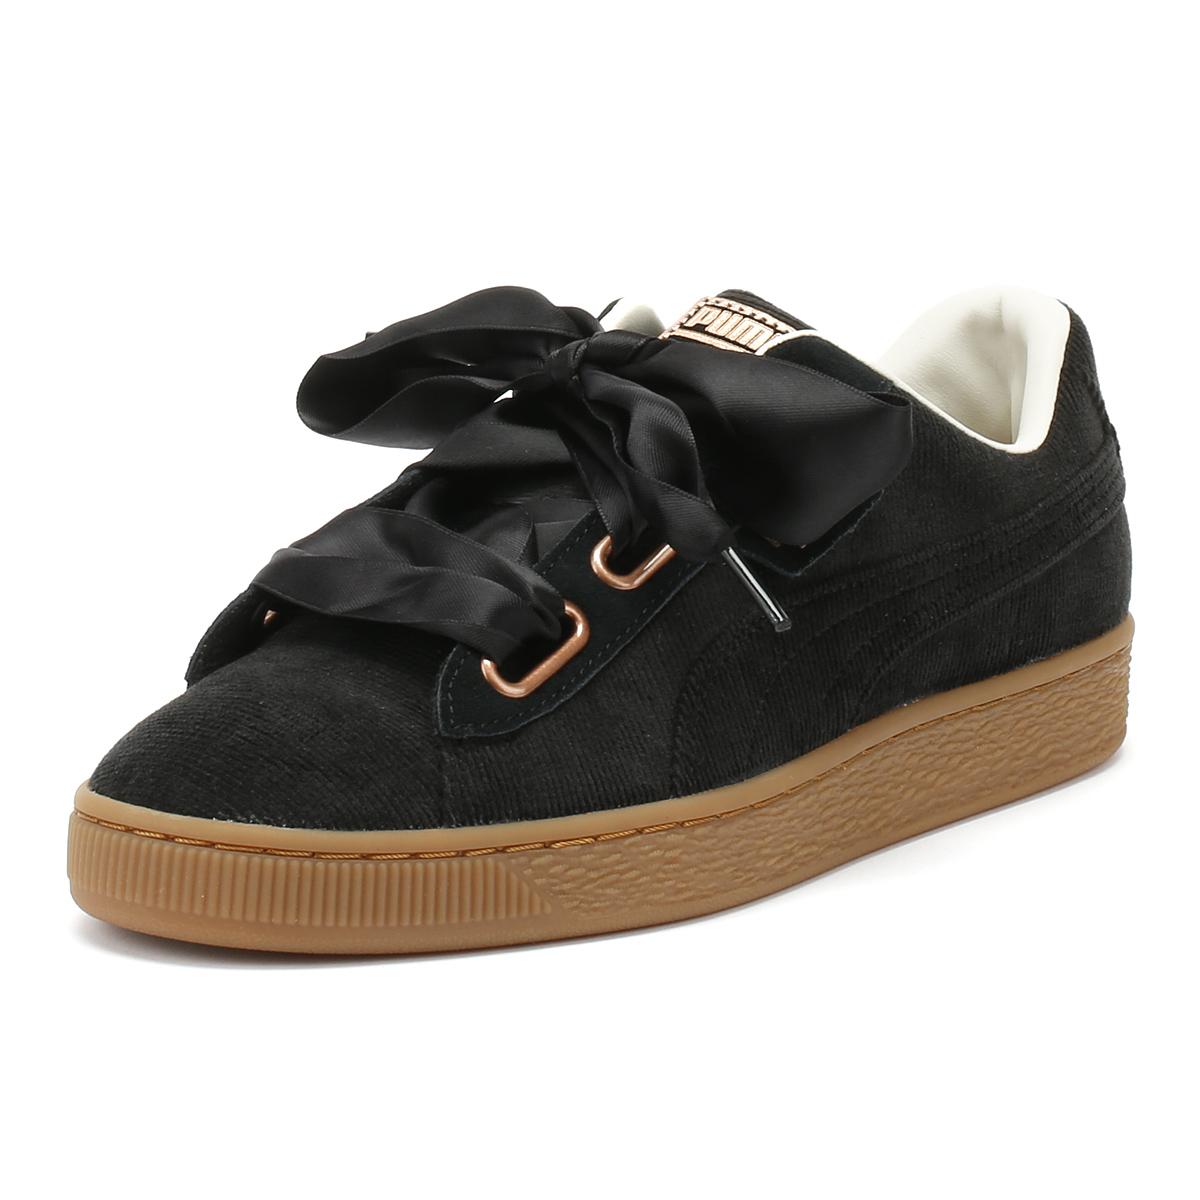 new style 88de9 e7d4a Details about PUMA Womens Trainers Black Corduroy Basket Heart Lace Up  Sport Casual Shoes